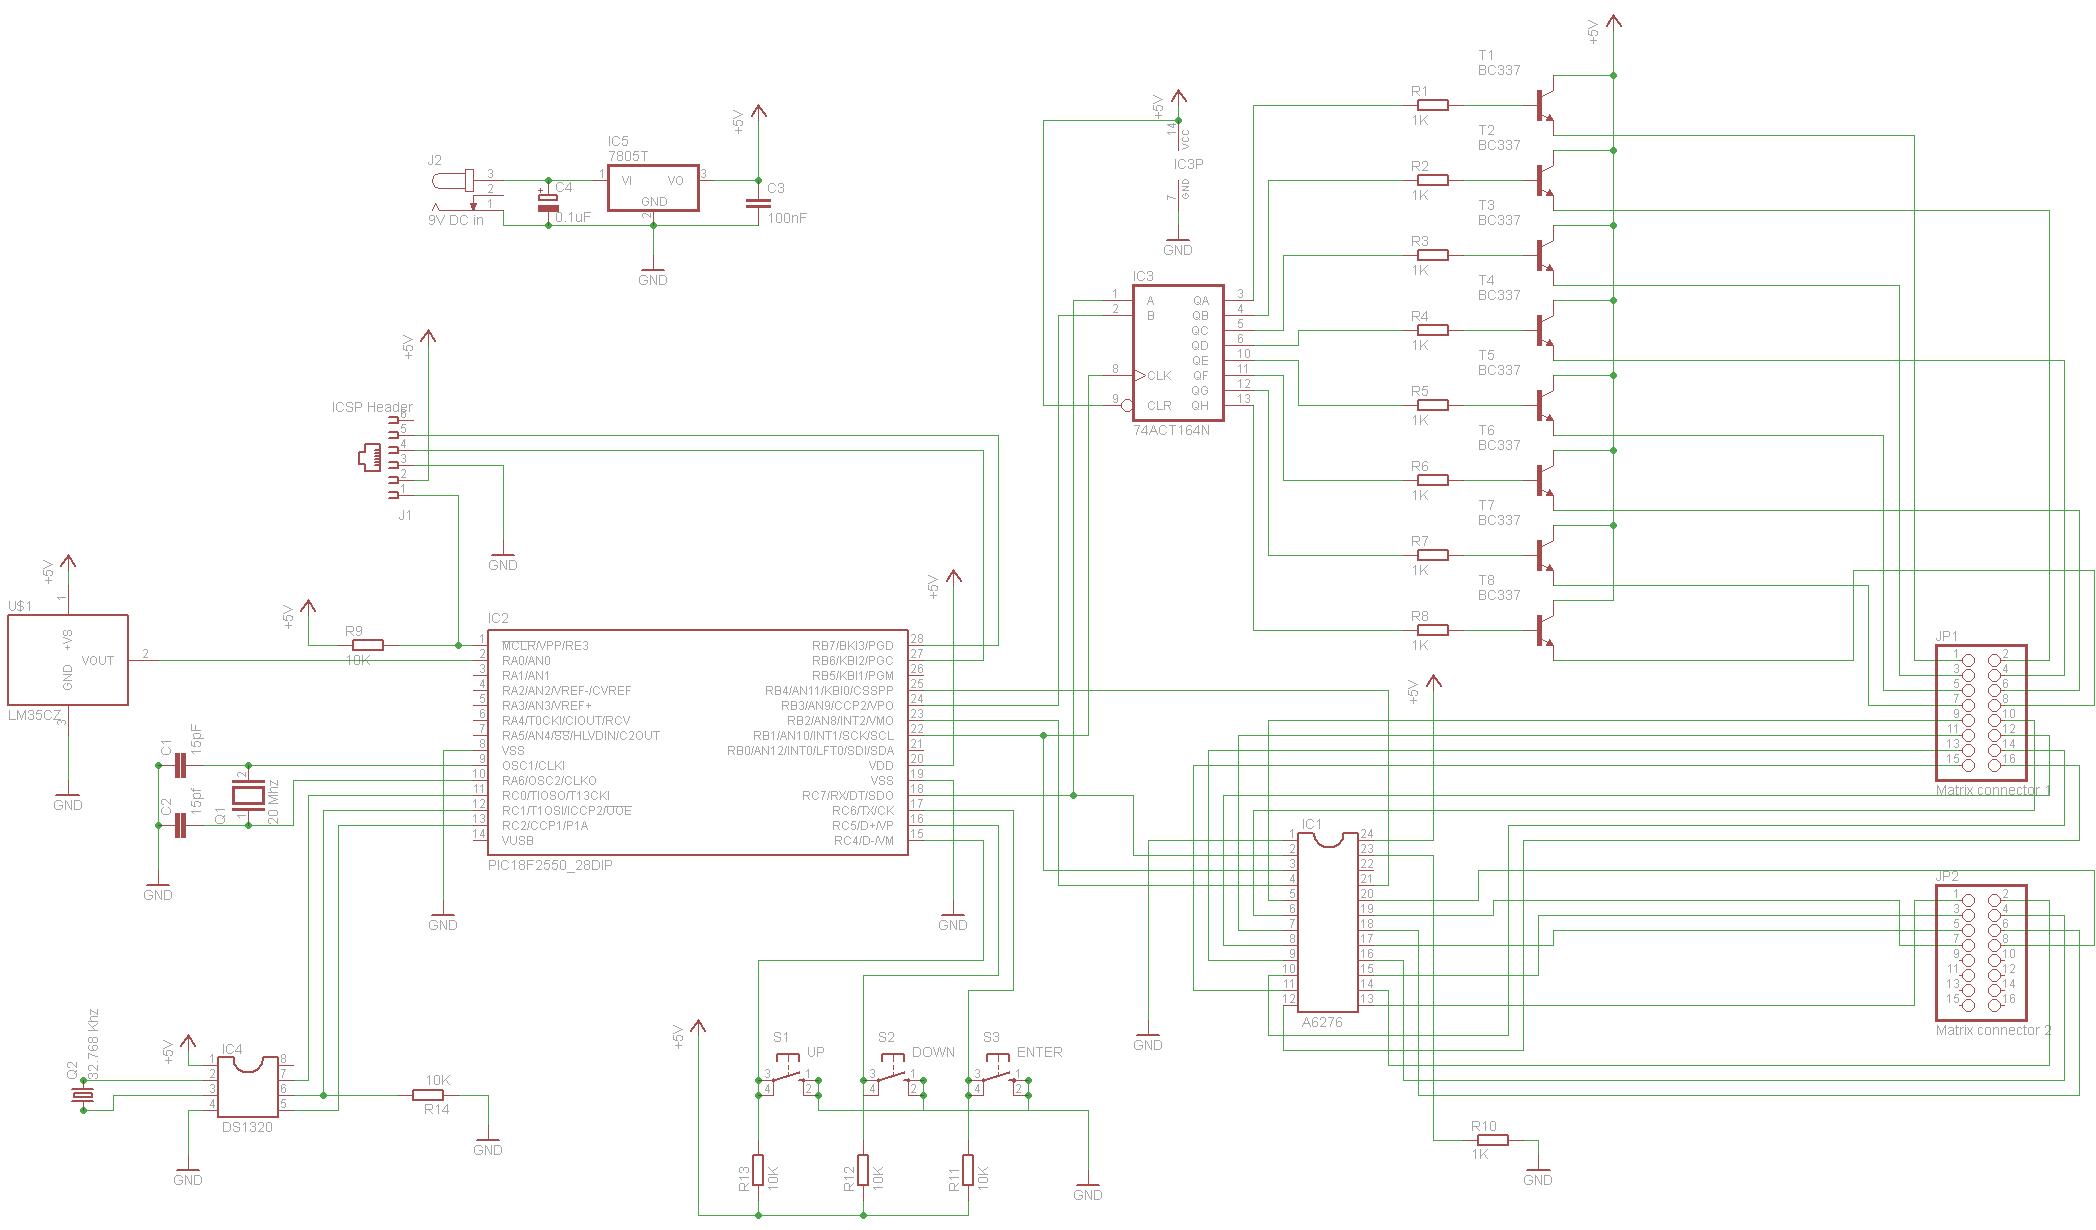 Принципиальная схема часов на микроконтроллере PIC18F2550 с матричным светодиодным дисплеем.